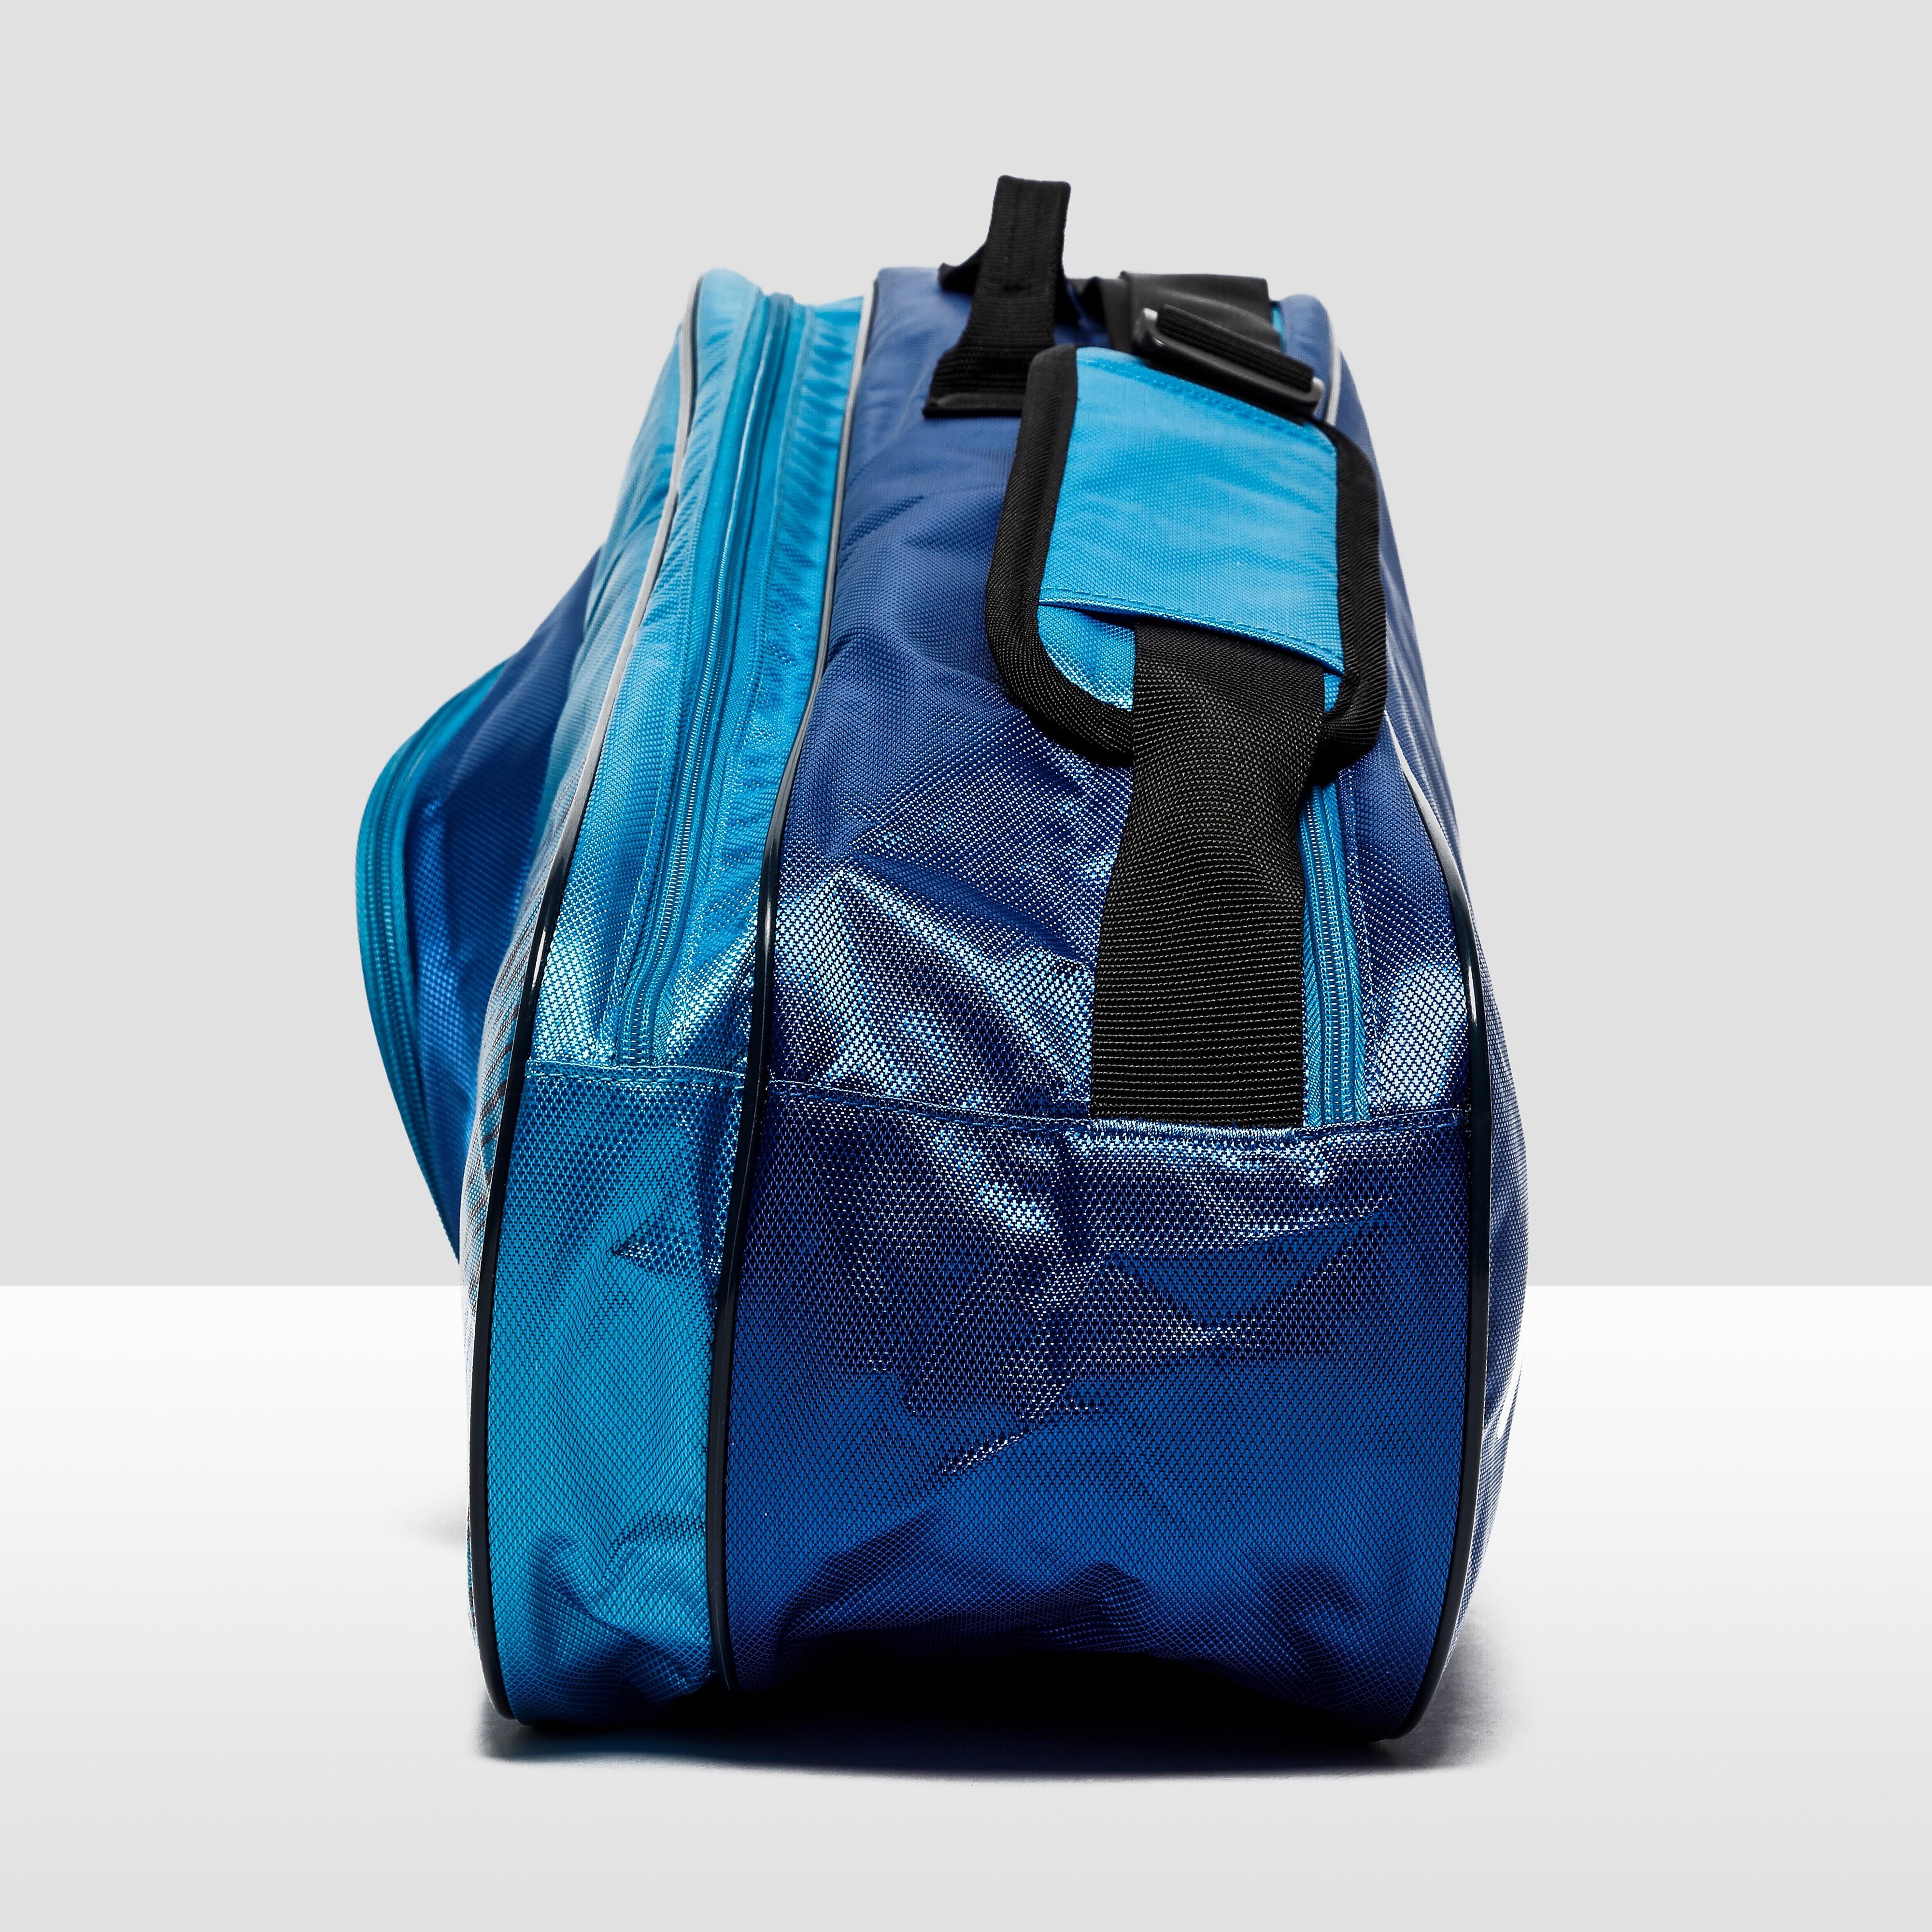 Yonex Performance X6 Racket Bag